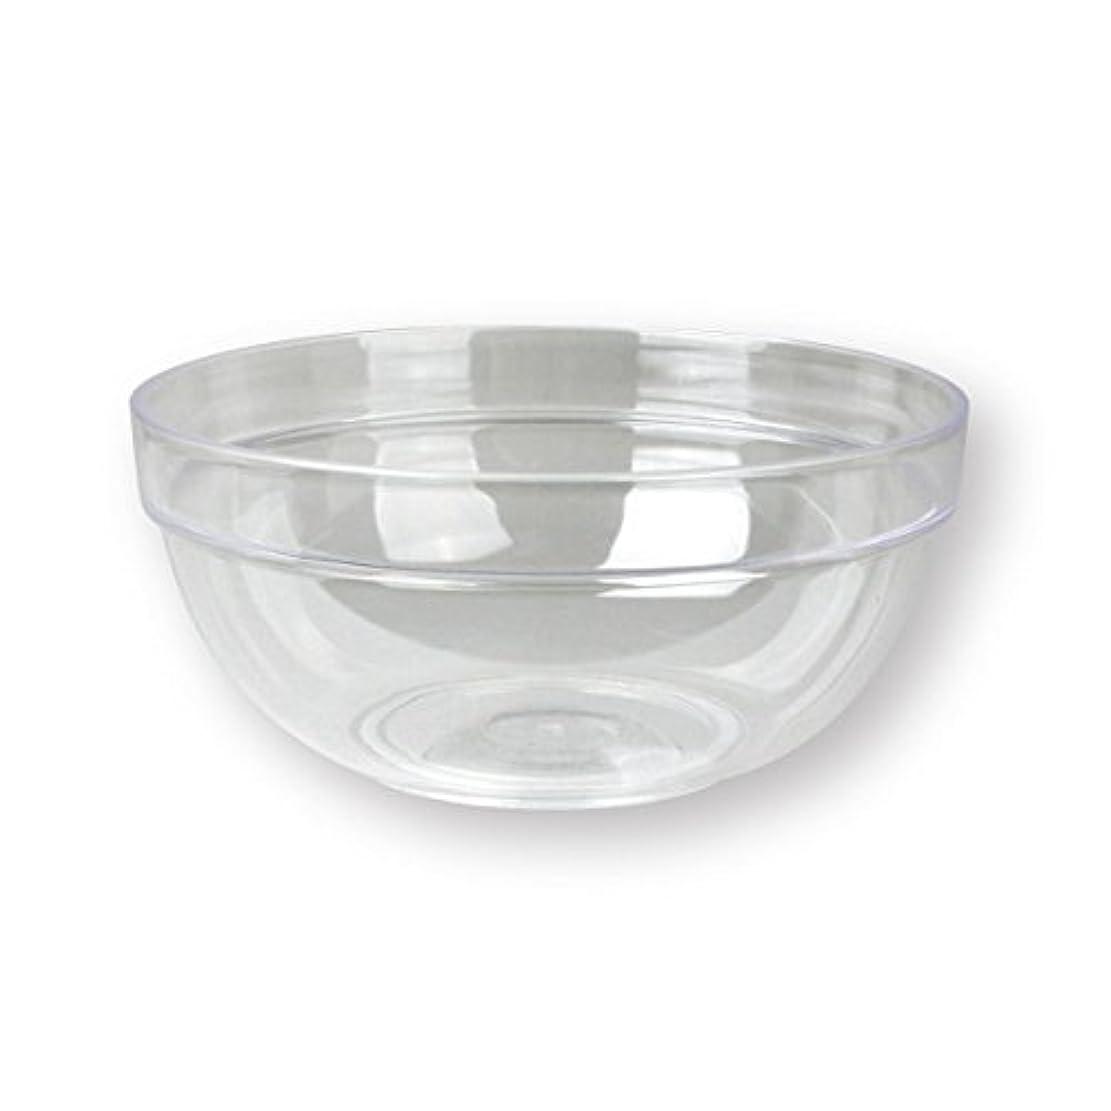 汚れる誠実さ叫ぶ4個セットプラスチックボール プラスチック ボウル カップクリア 直径20cm